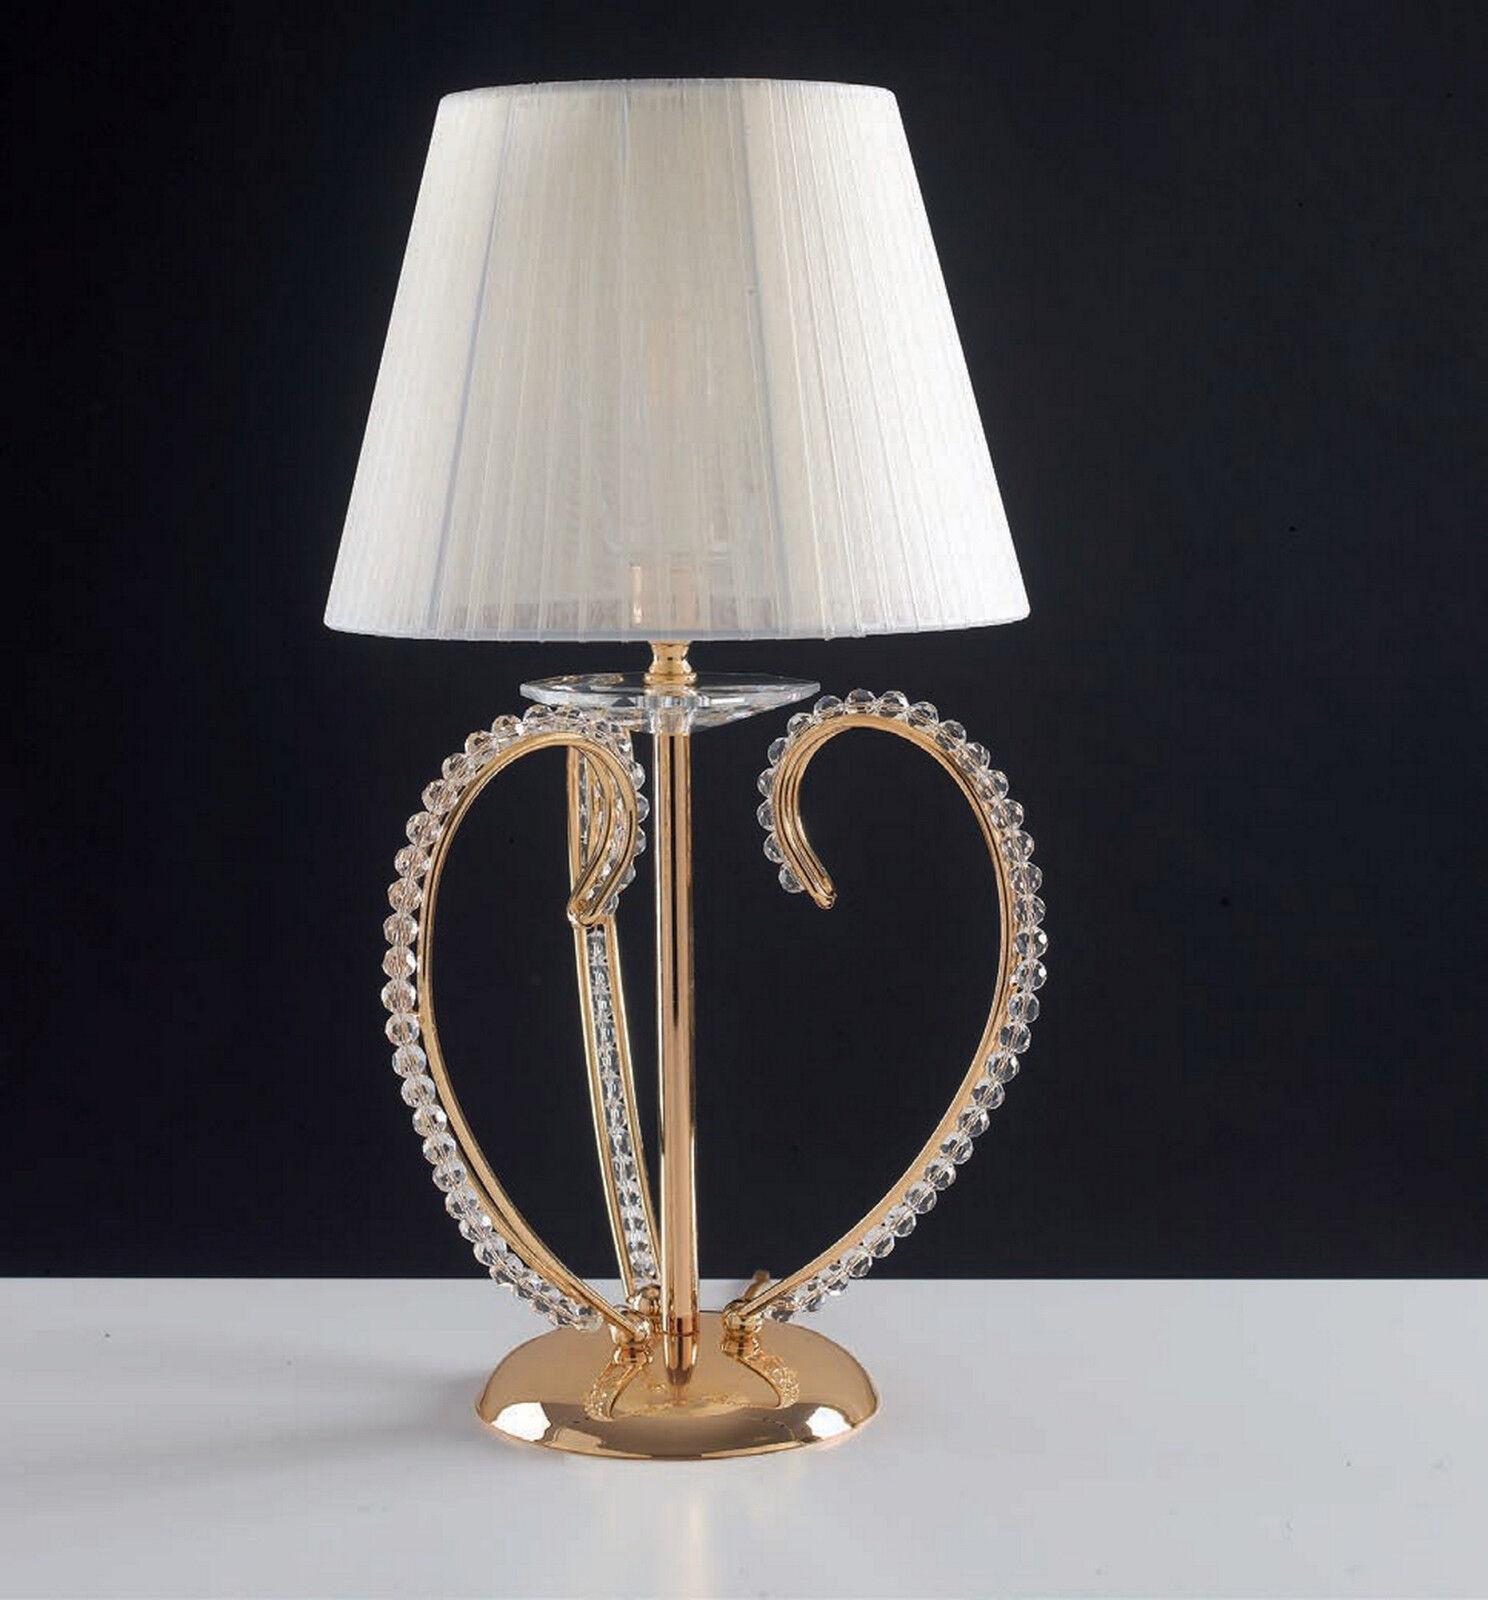 disegni esclusivi Lumetto classico oro con perle in cristallo cristallo cristallo 1 luce LGT Perla lp  ti renderà soddisfatto